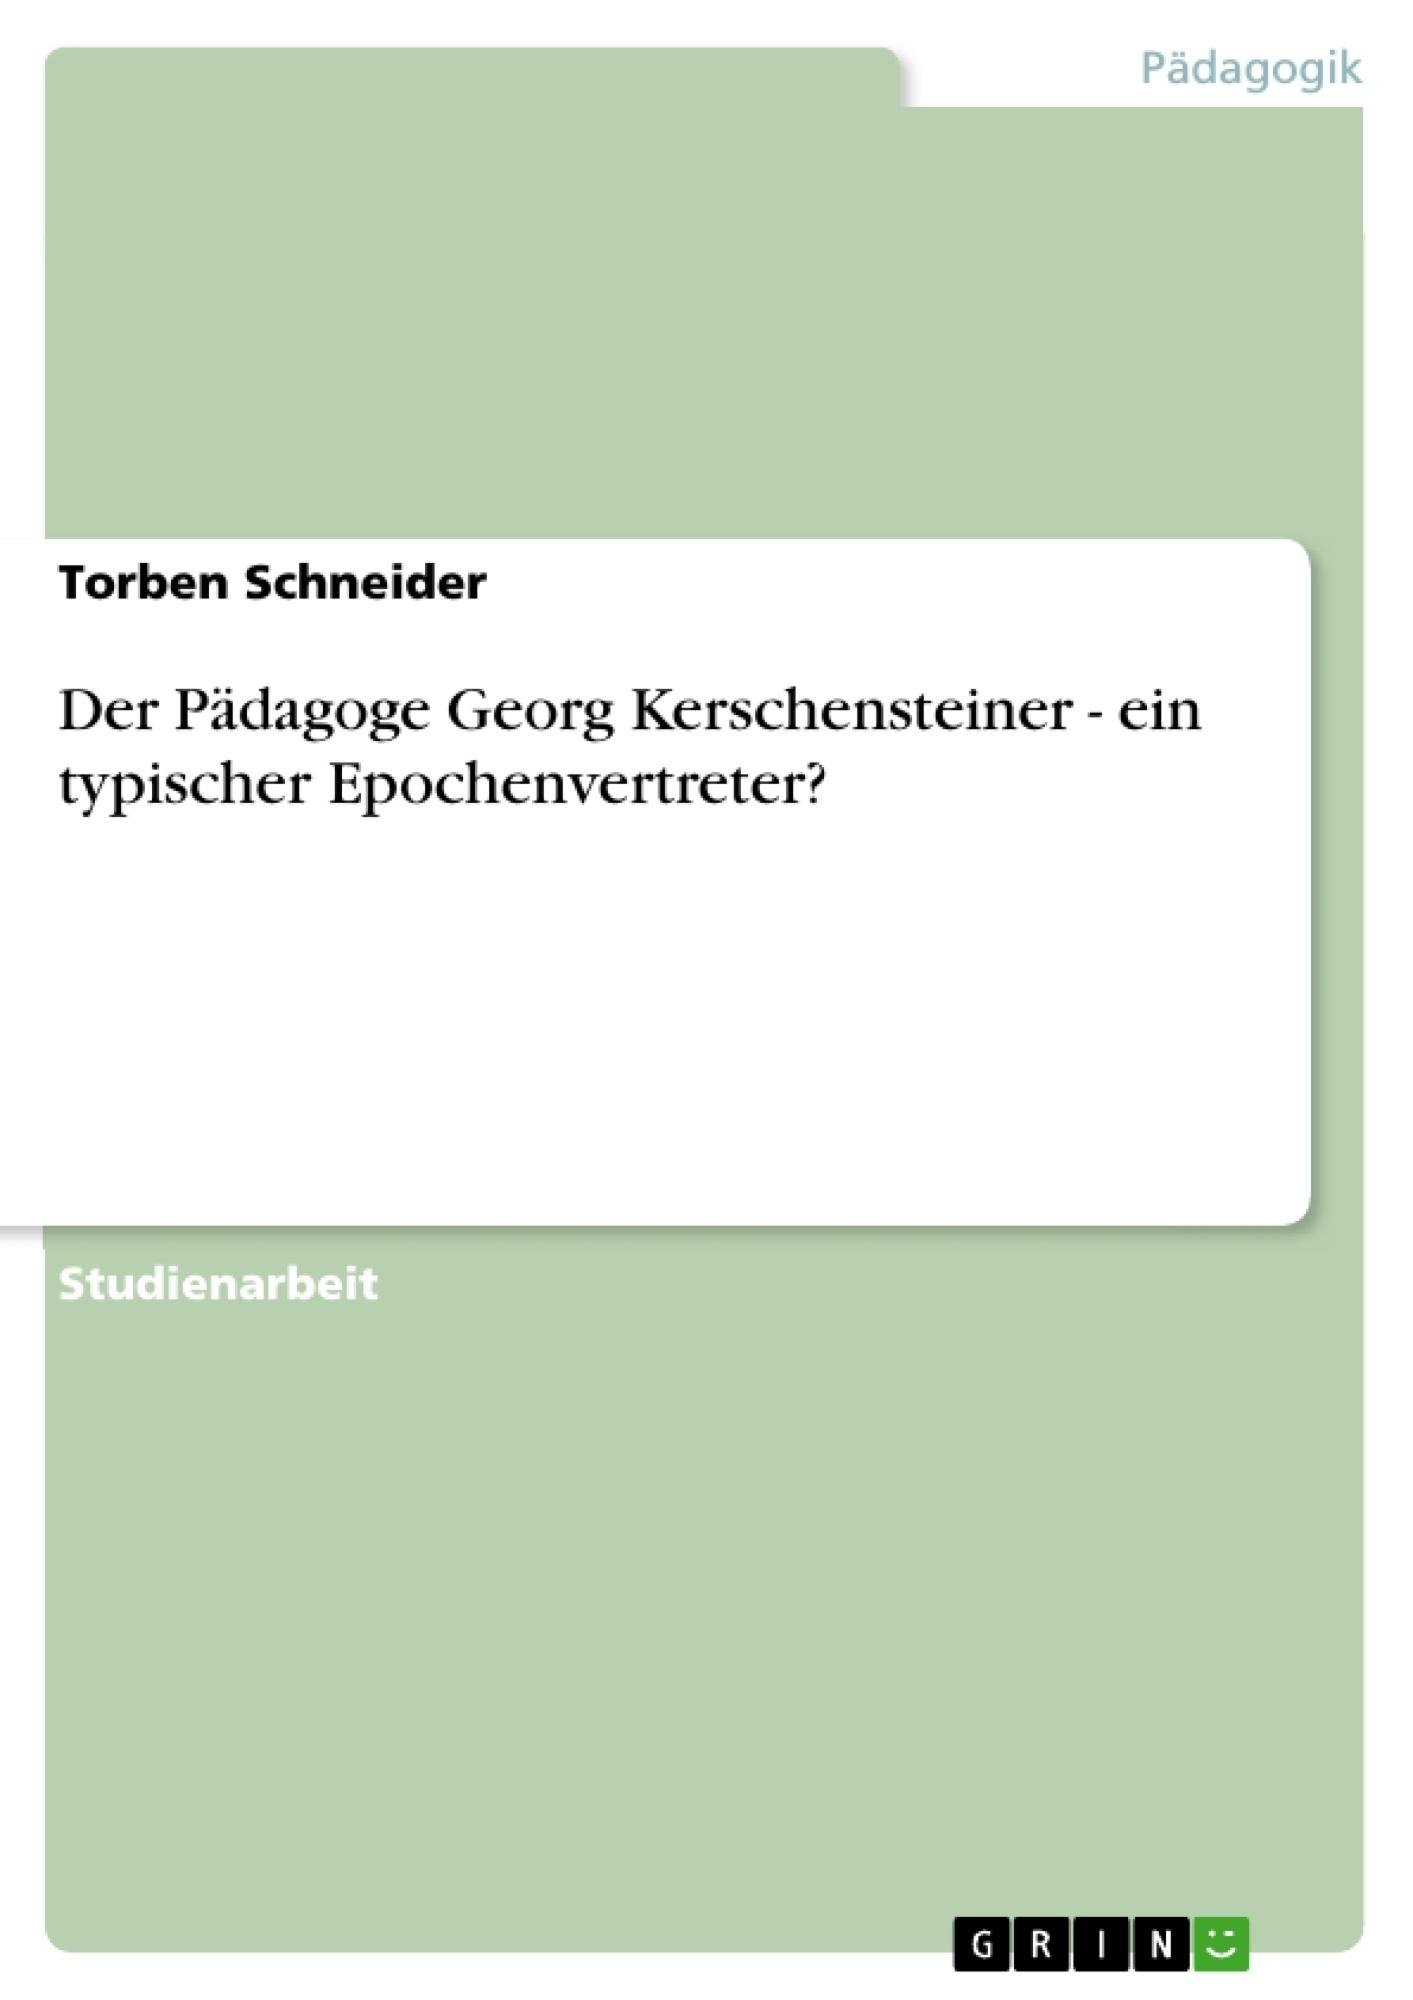 Titel: Der Pädagoge Georg Kerschensteiner - ein typischer Epochenvertreter?